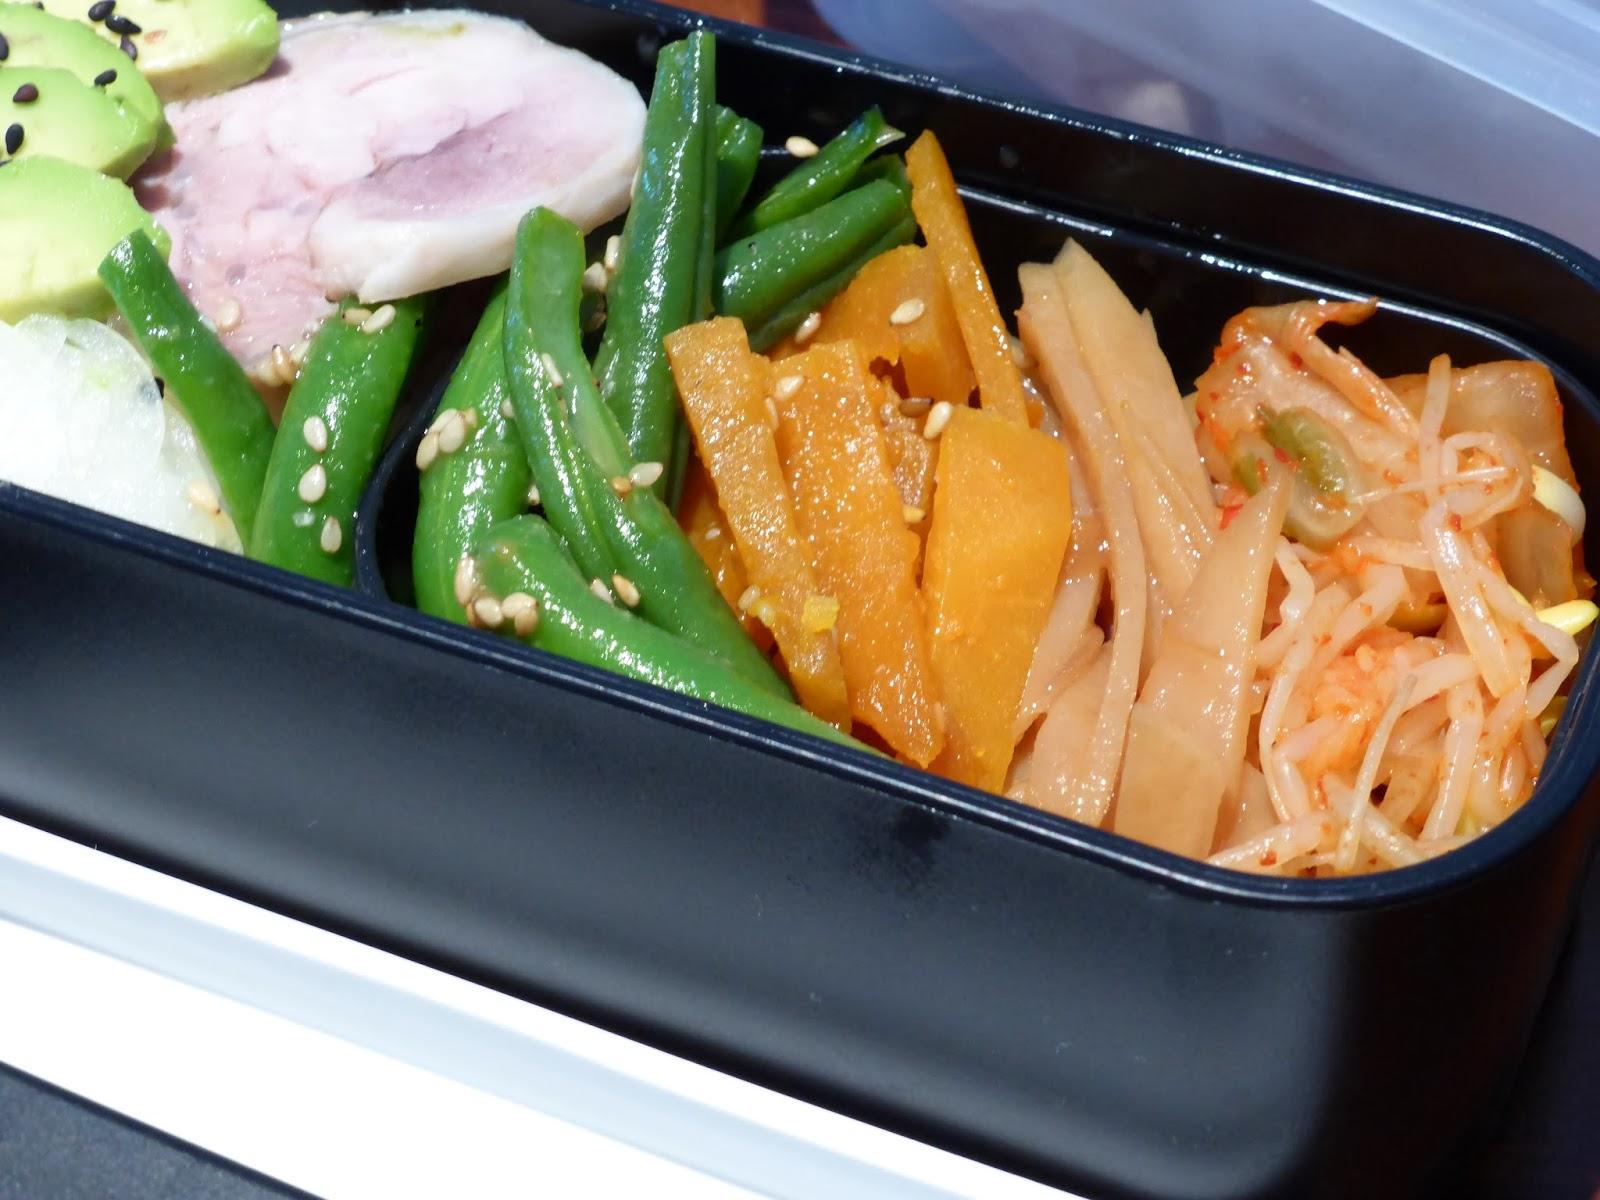 便當#2 味噌芝麻拌四季豆、簡單炒脆脆馬鈴薯、韓式泡菜拌黃豆芽